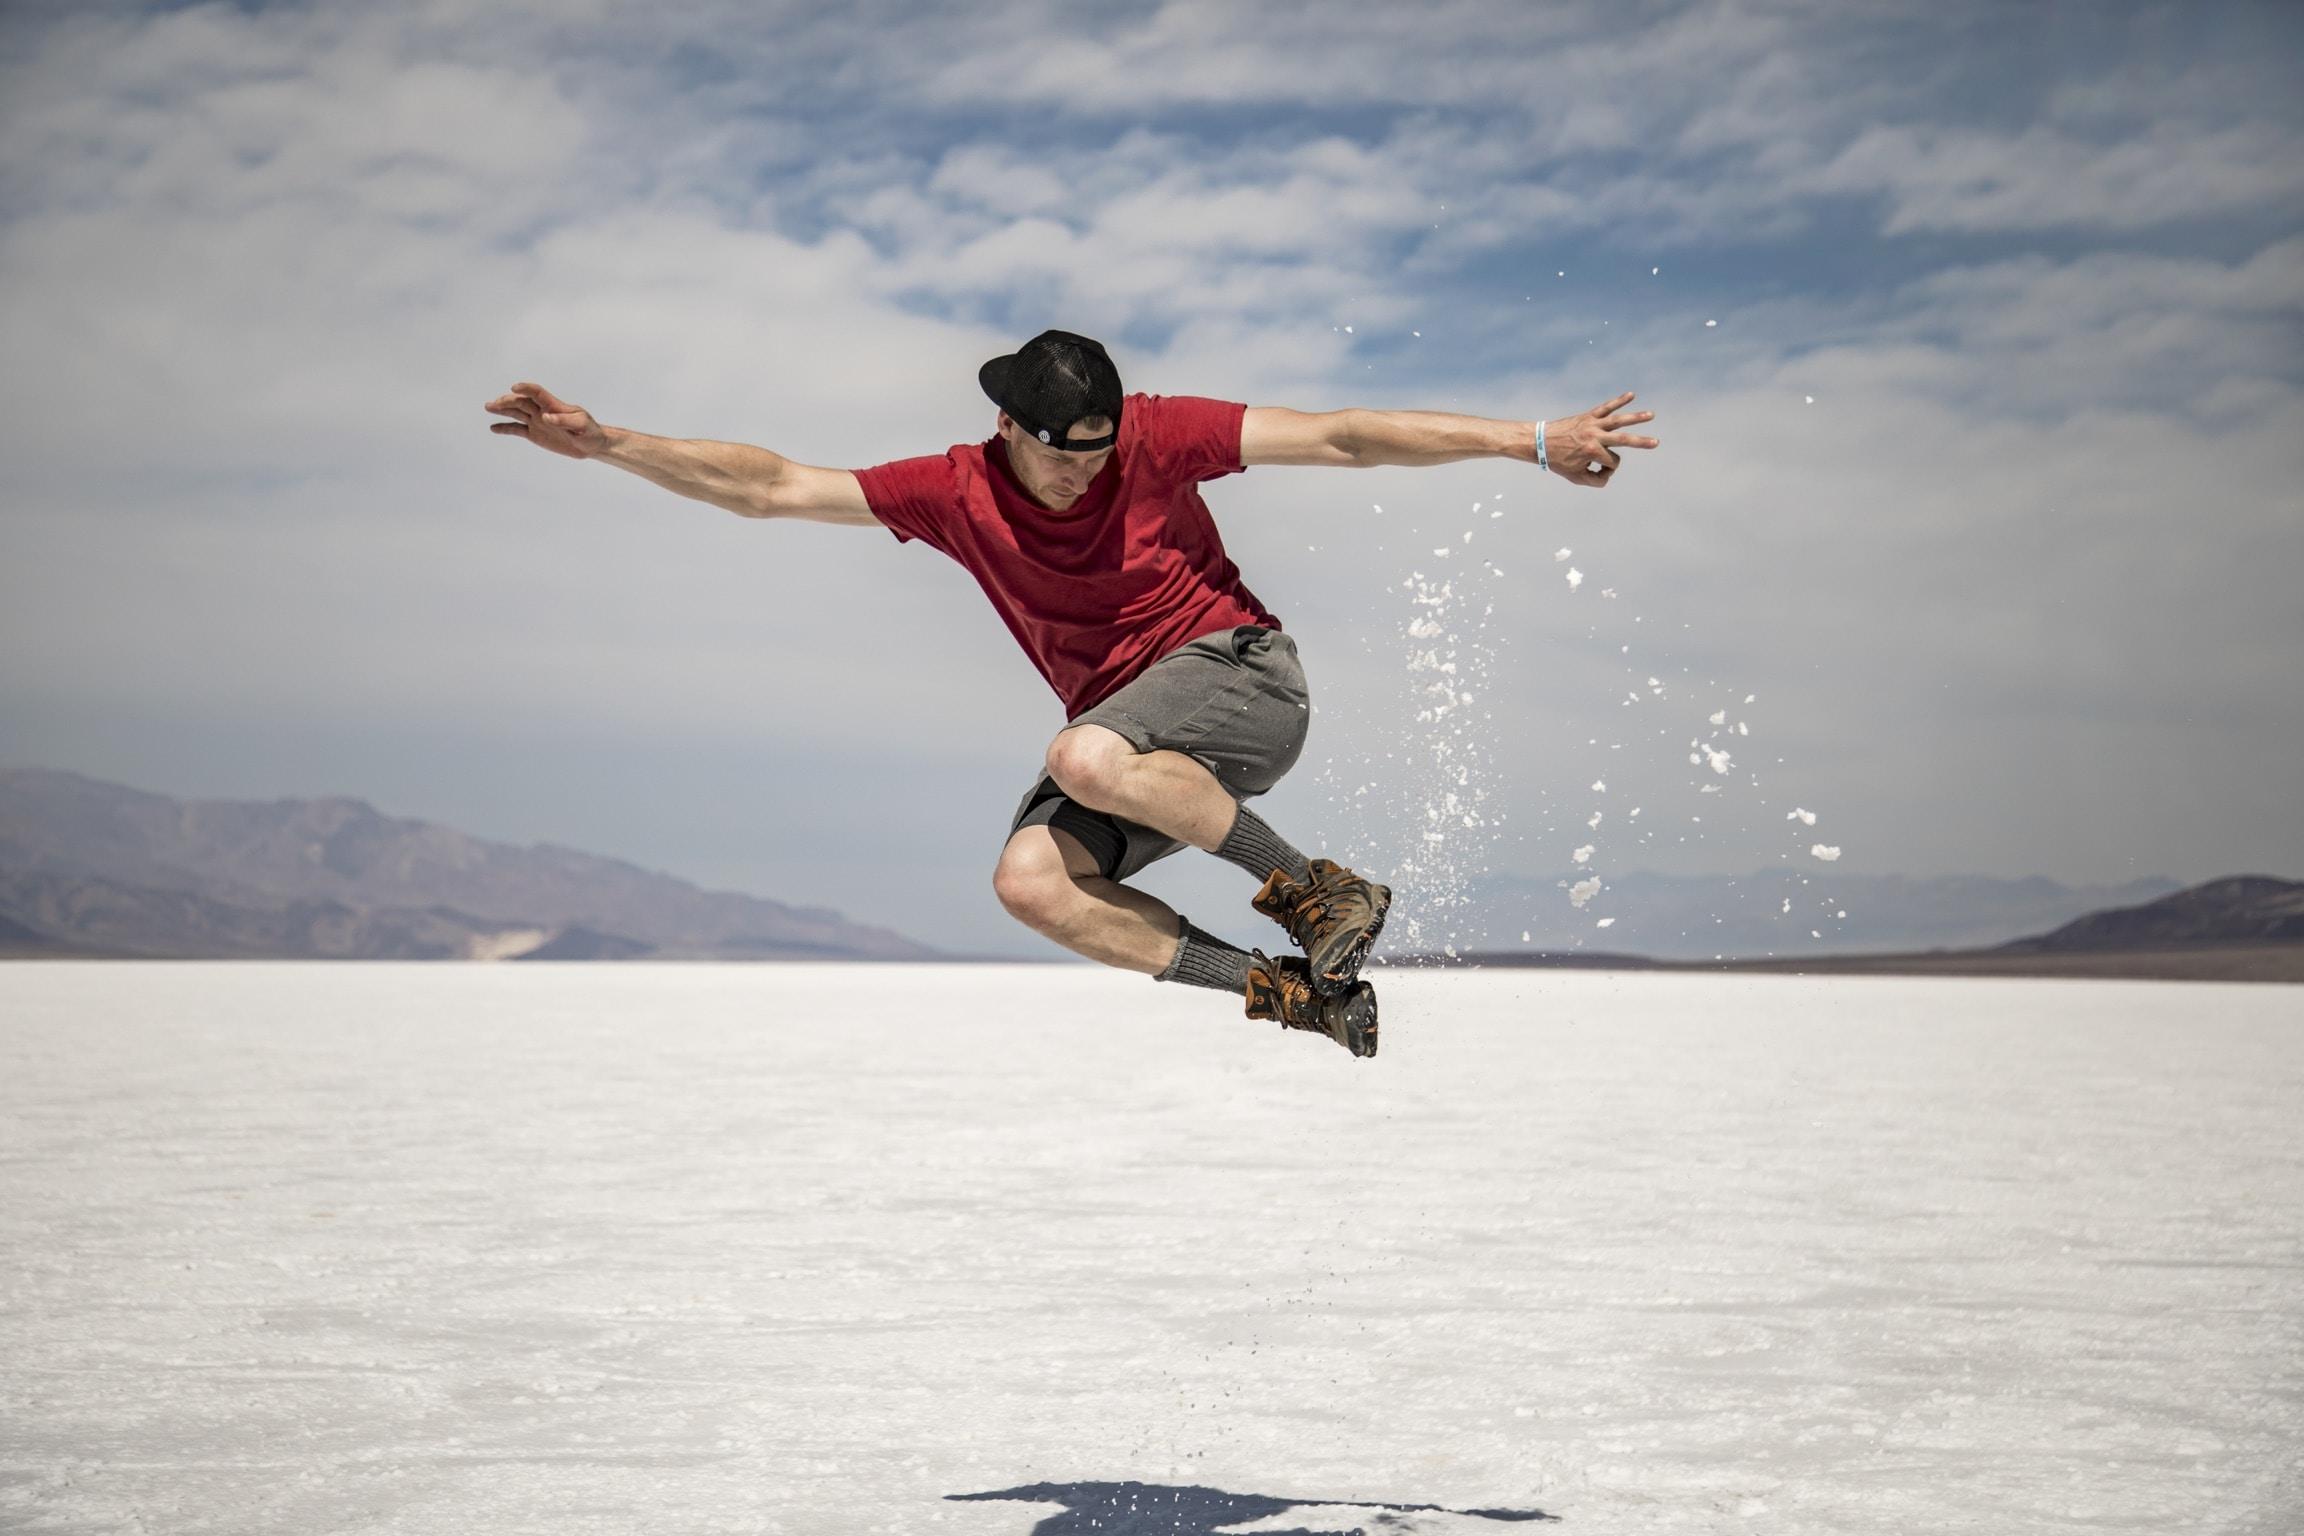 man doing high jump